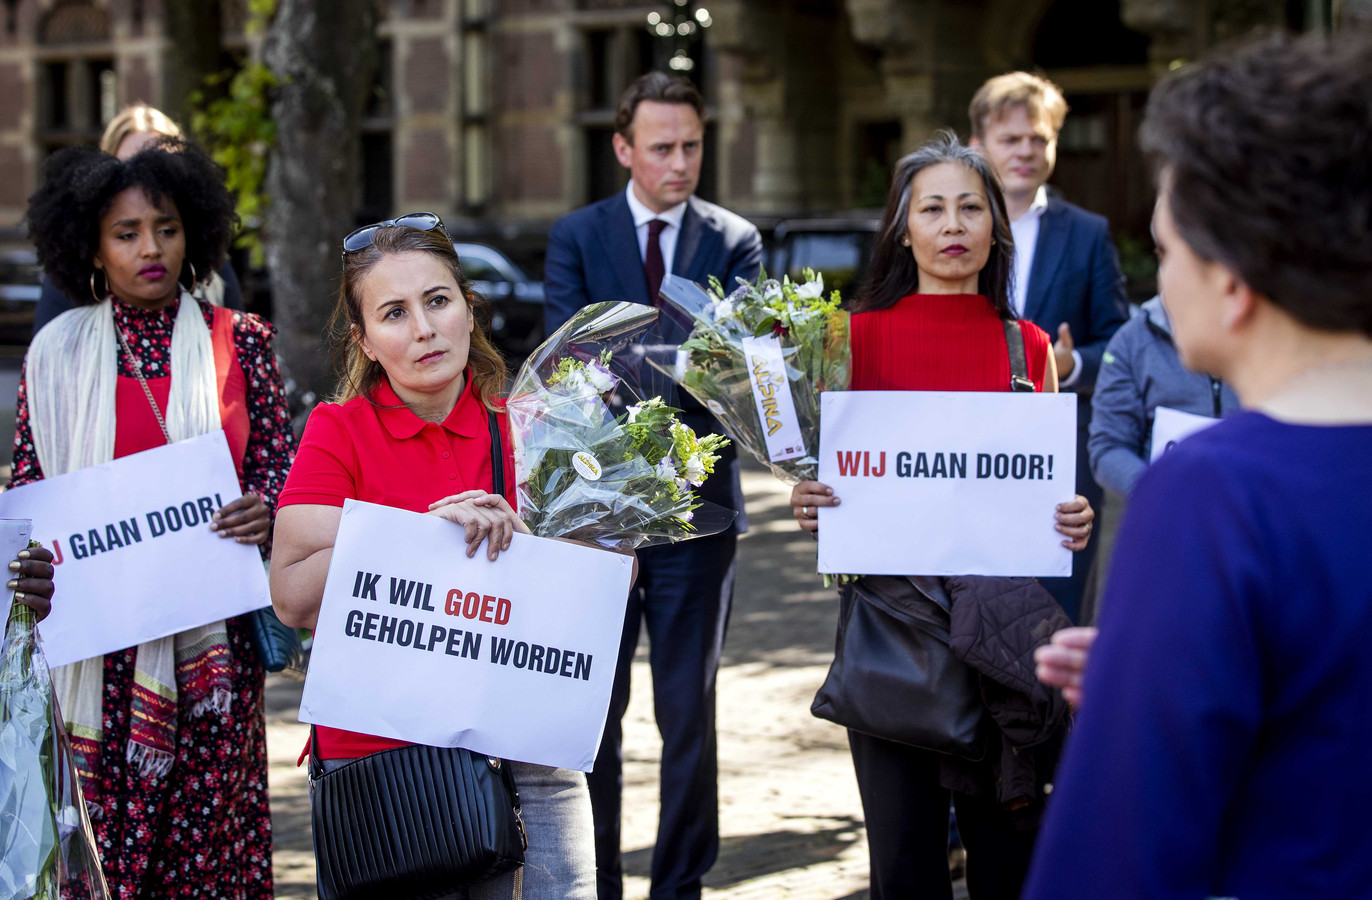 Staatssecretaris Alexandra van Huffelen van Financiën in gesprek met gedupeerde ouders van de toeslagenaffaire op het Plein in Den Haag, voorafgaand aan het debat over de zaak in de Tweede Kamer juni vorig jaar.